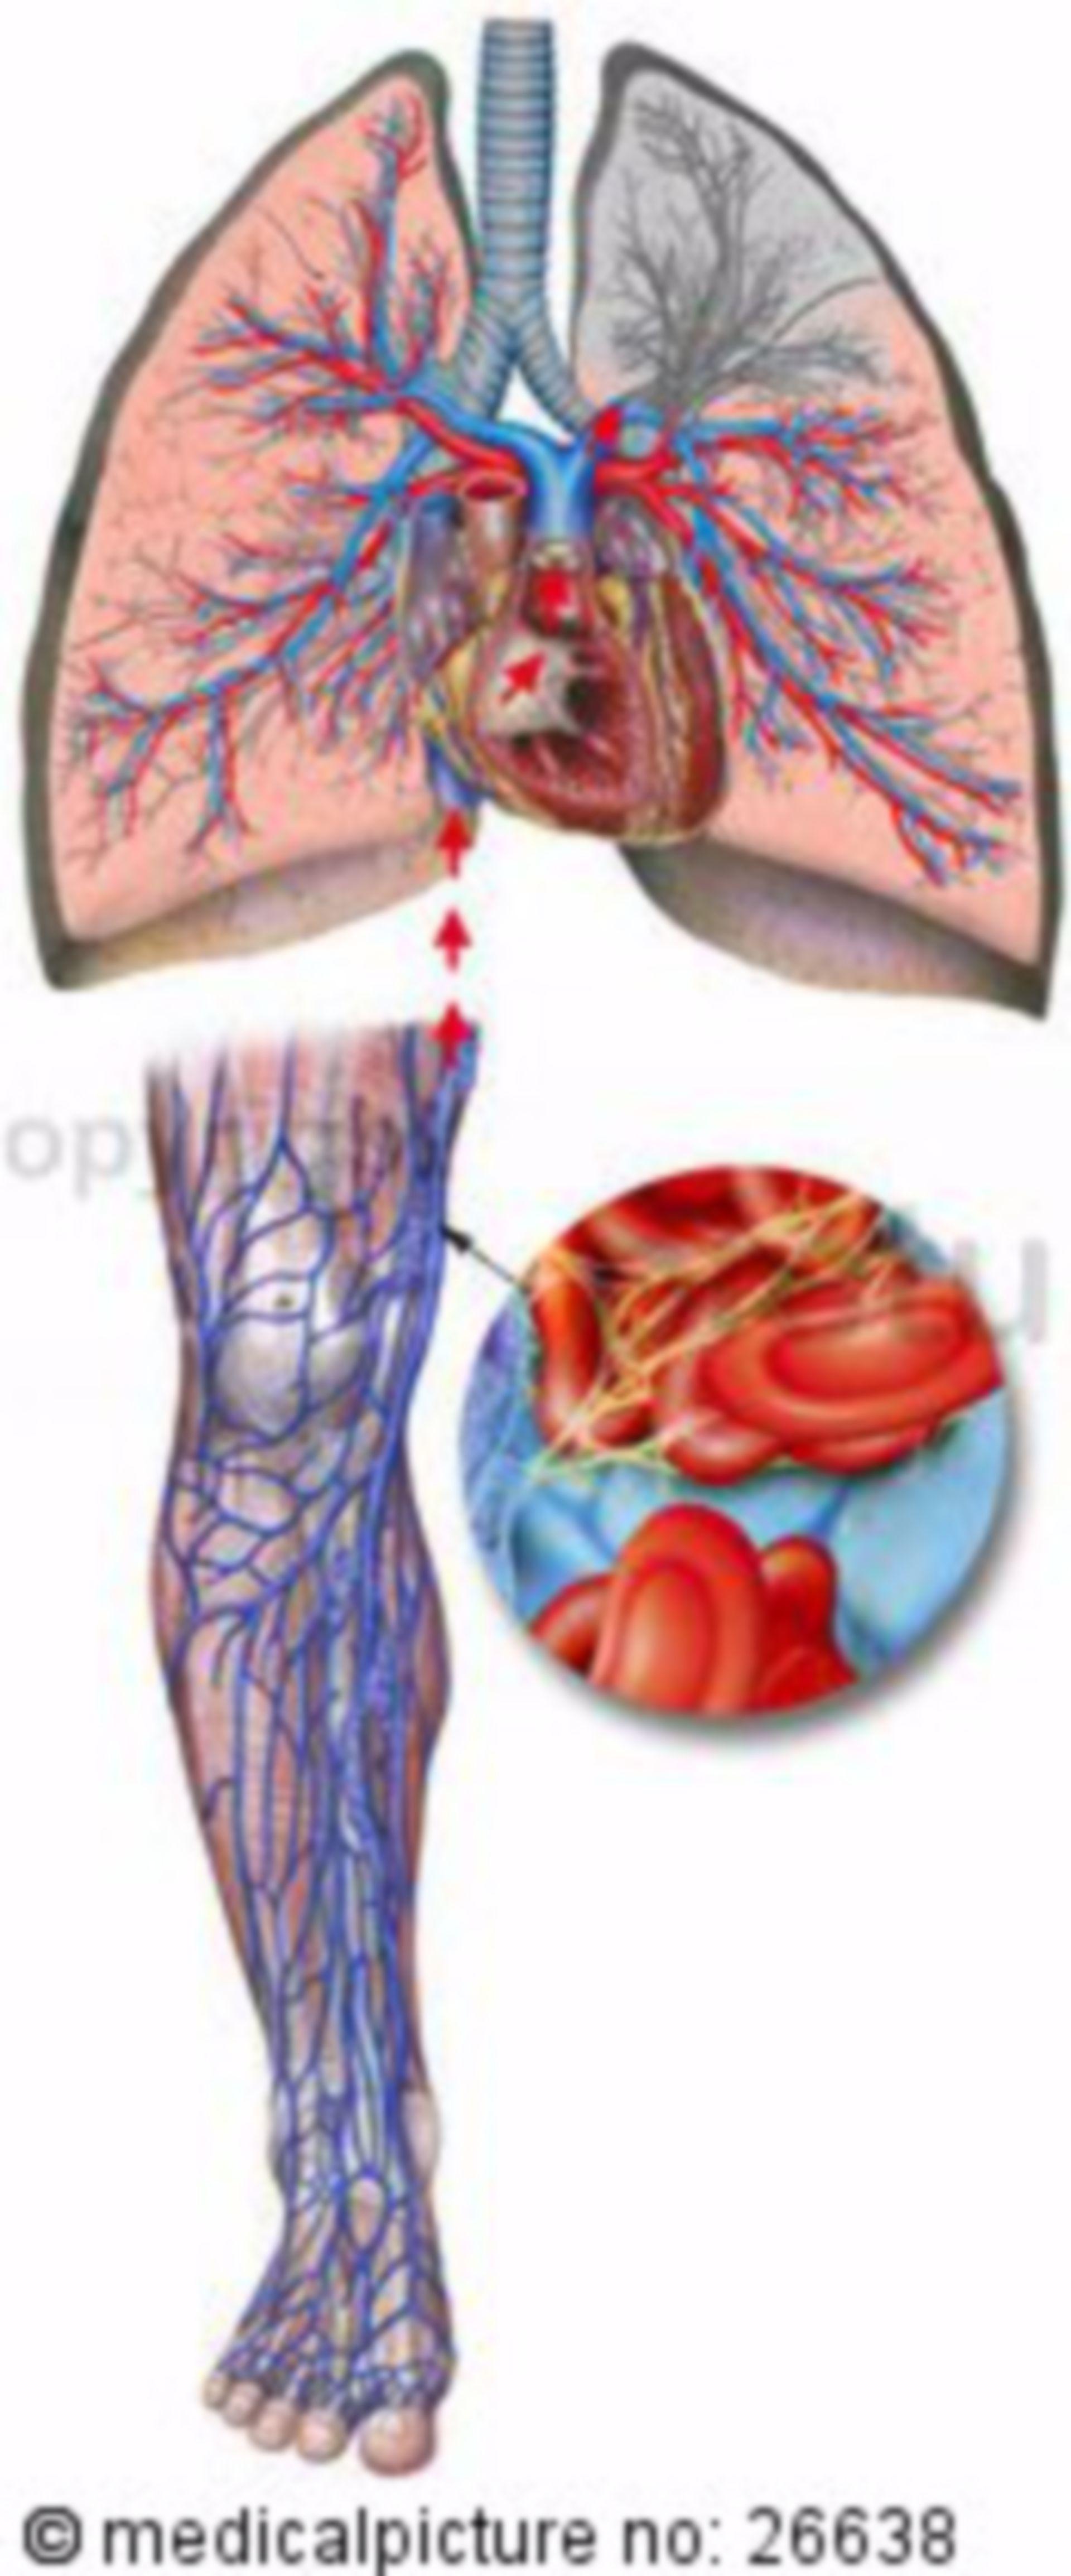 L'embolia polmonare